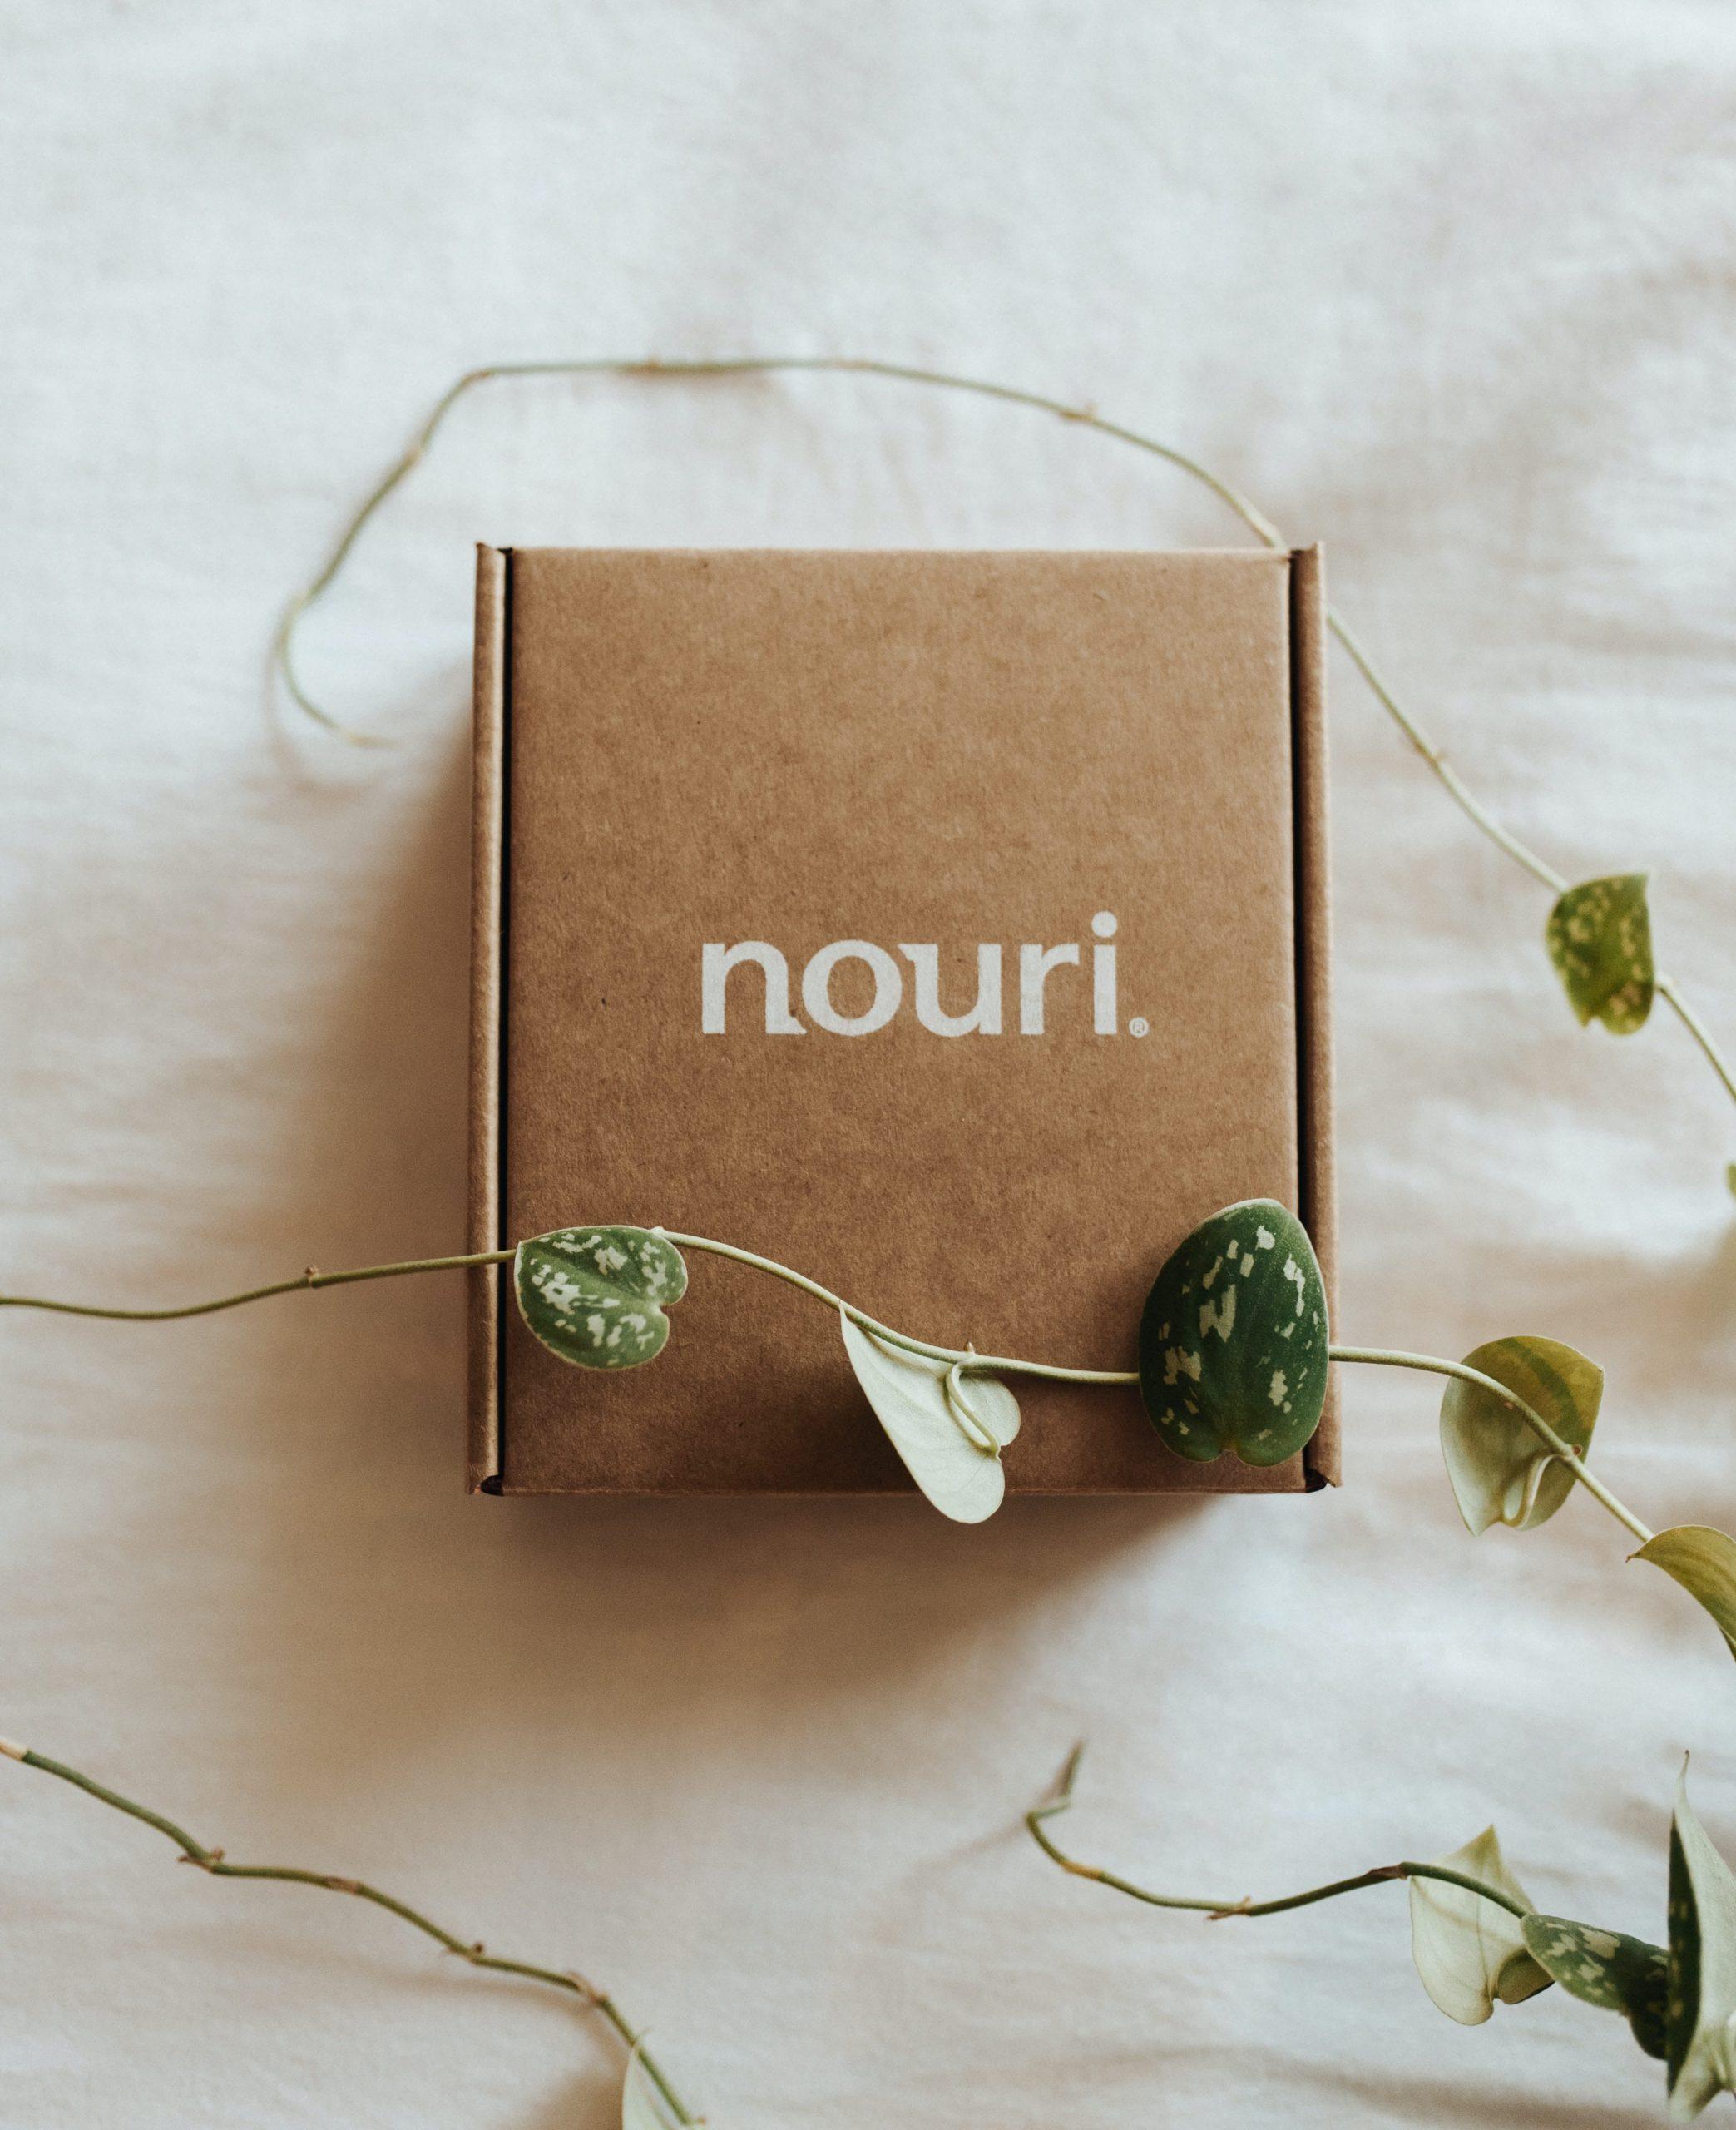 daily-nouri-E5Oo4nENq2M-unsplash (1)-min